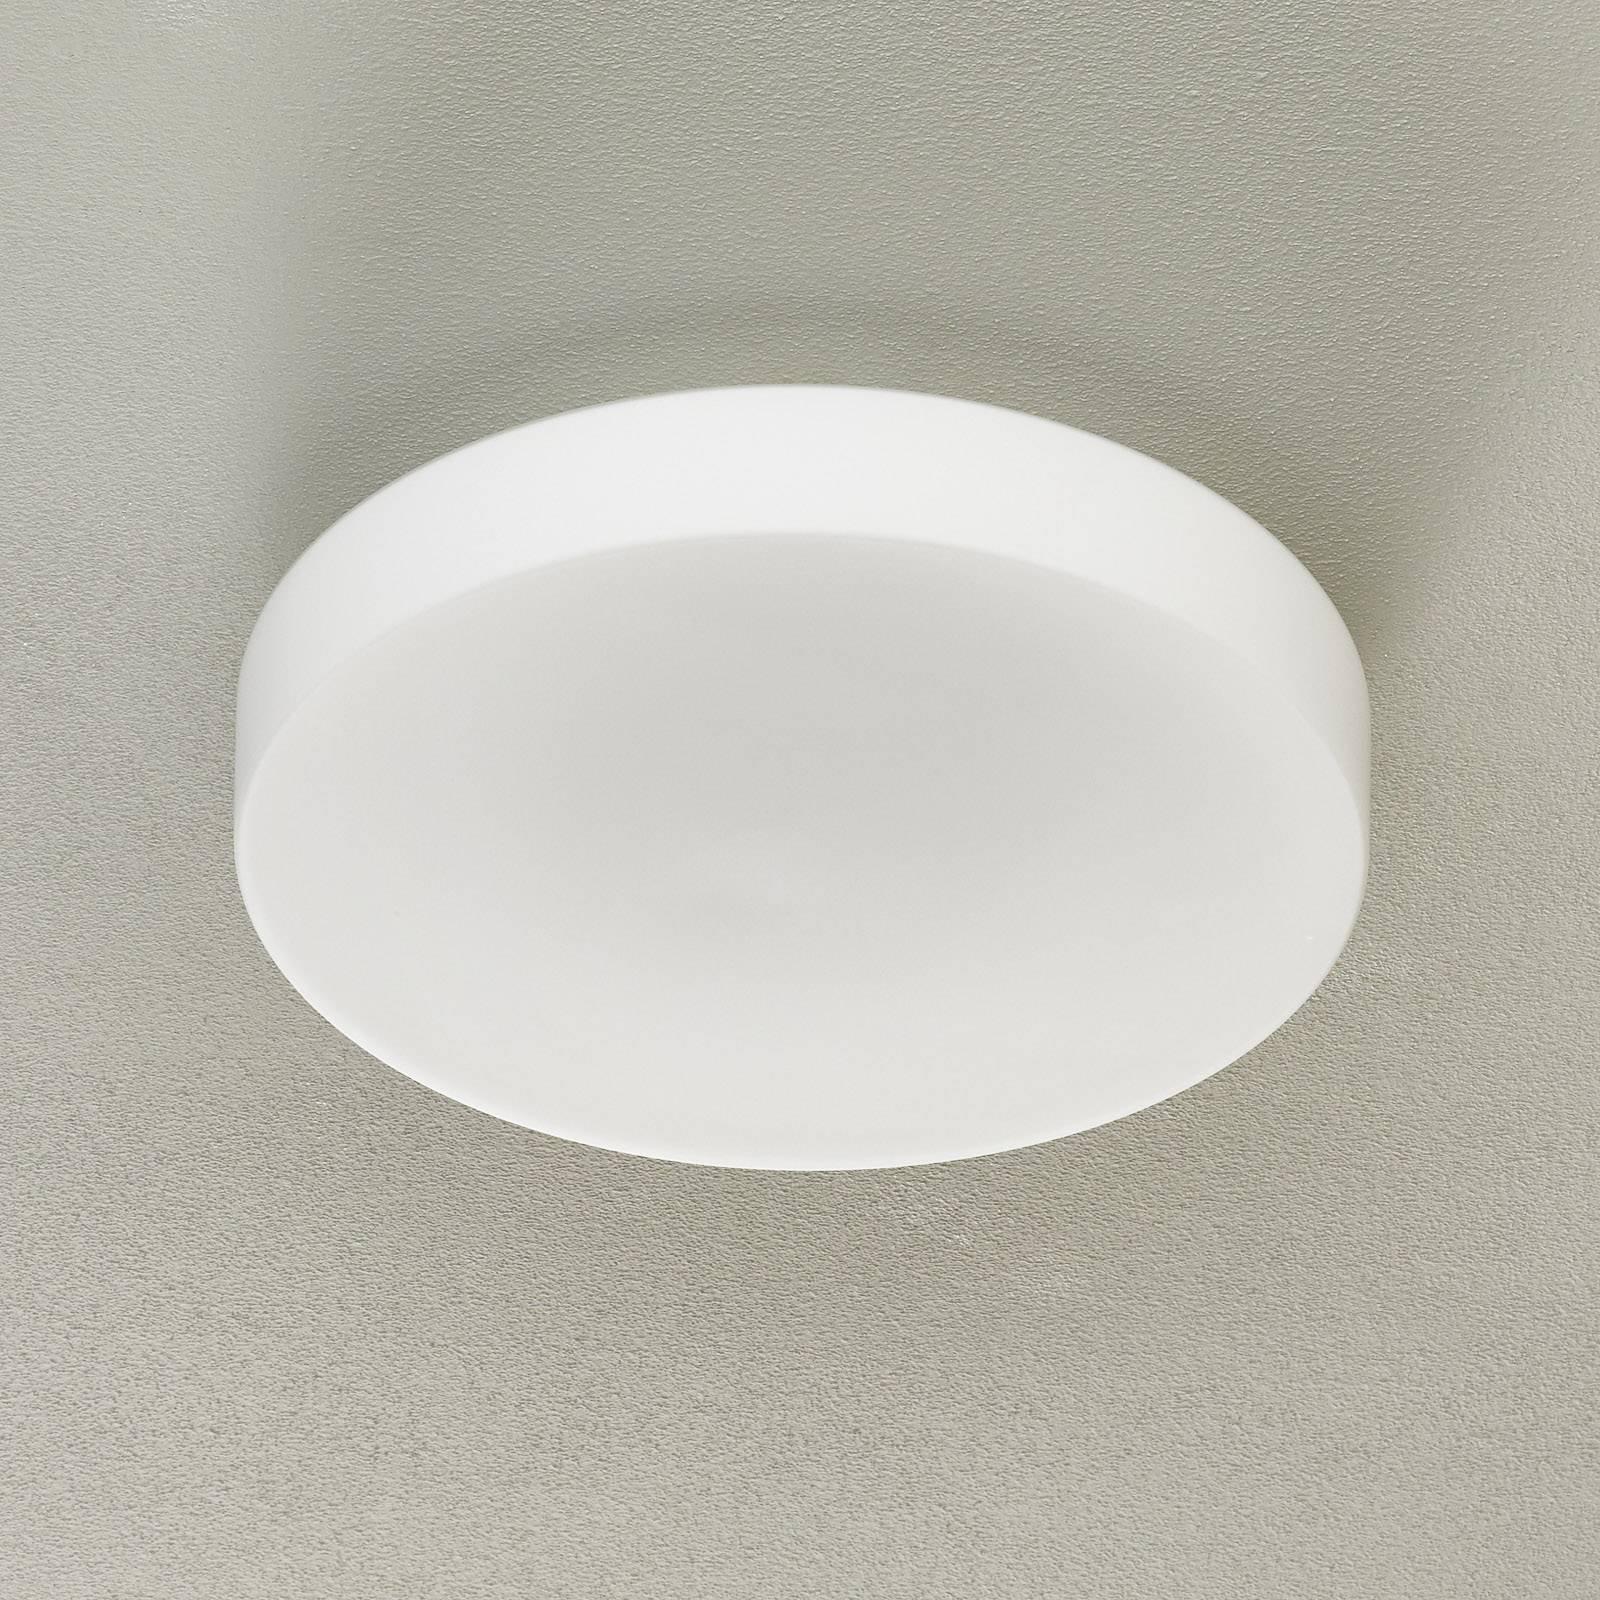 BEGA 89765 LED-taklampe 3 000 K E27 hvit Ø 39 cm